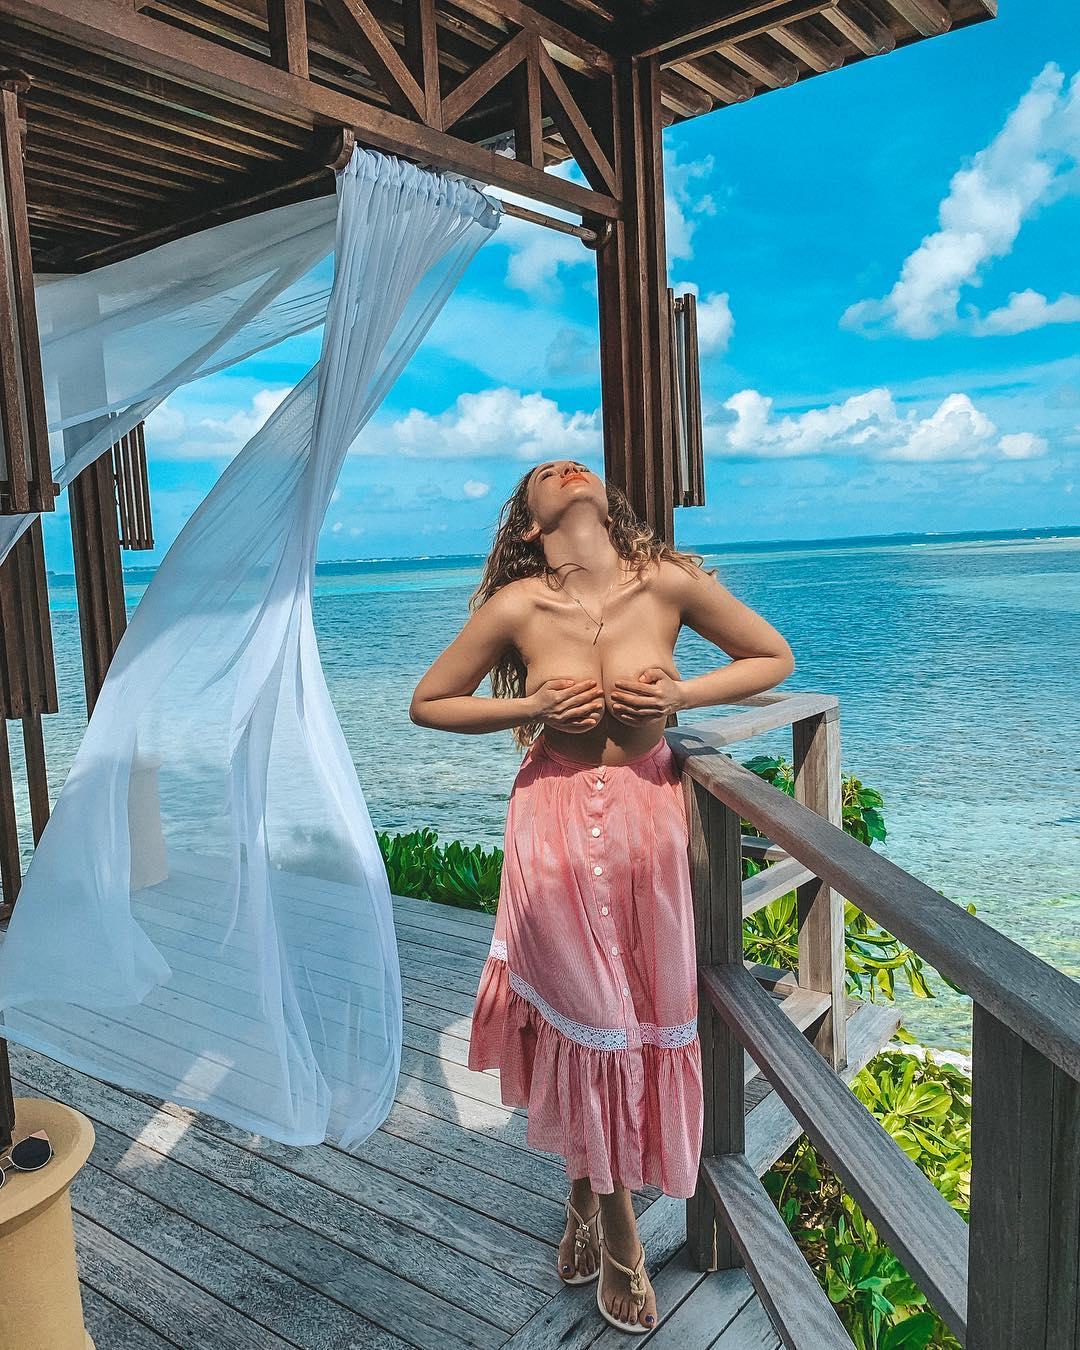 Анфиса Чехова своими мальдивскими фотосессиями свела с ума тысячи мужчин.